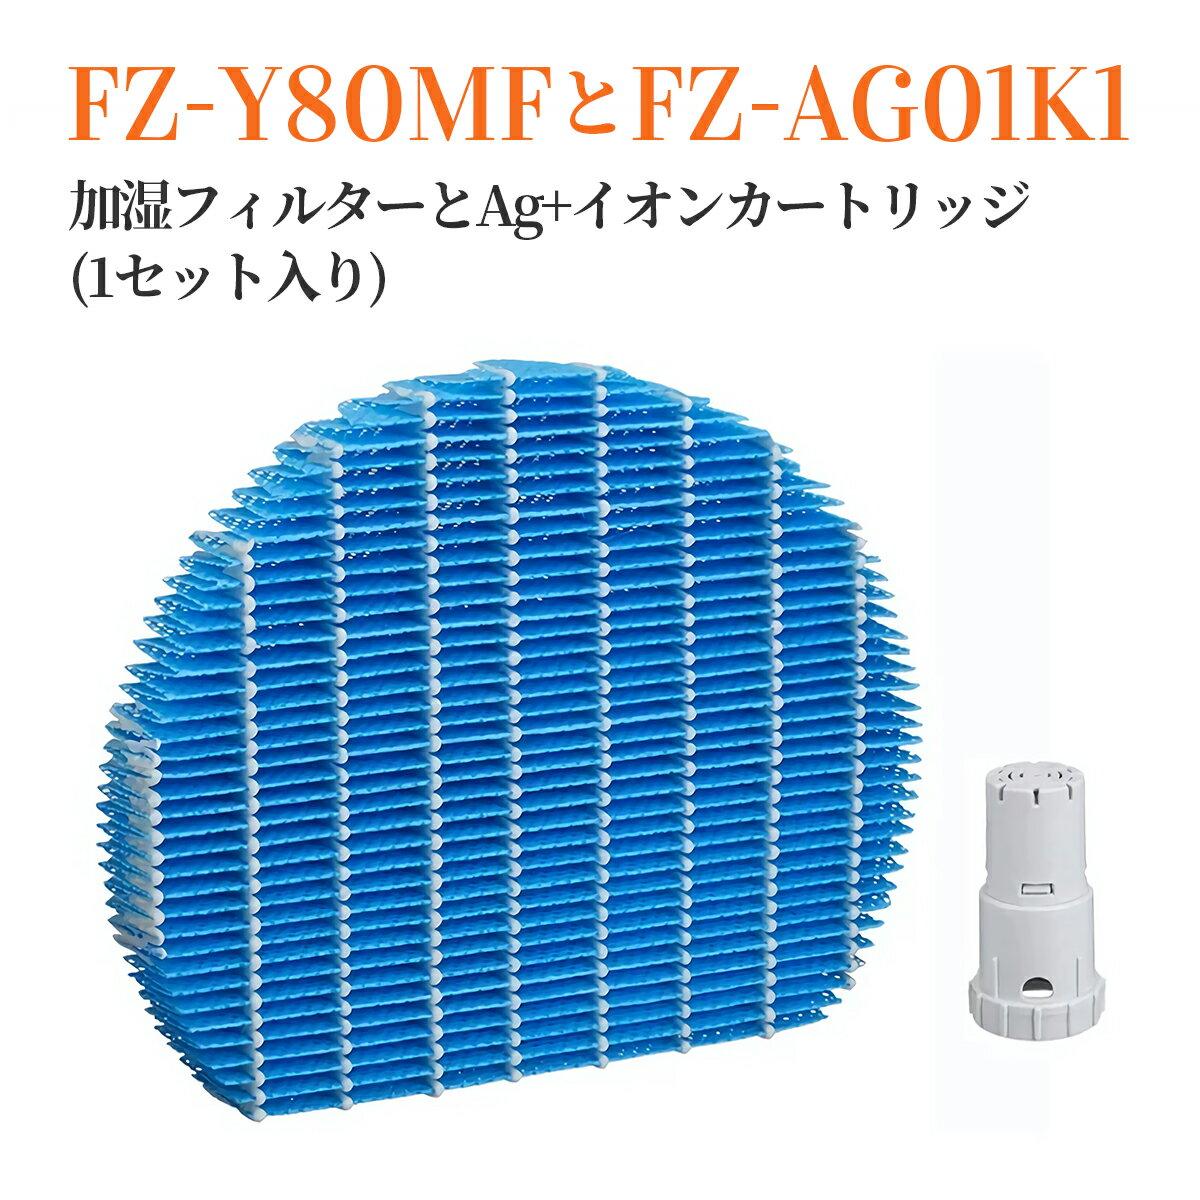 空気清浄機用アクセサリー, 交換フィルター  FZ-Y80MF fz-y80mf ag FZ-AG01K1 sharp fz-ag01k1 (1)